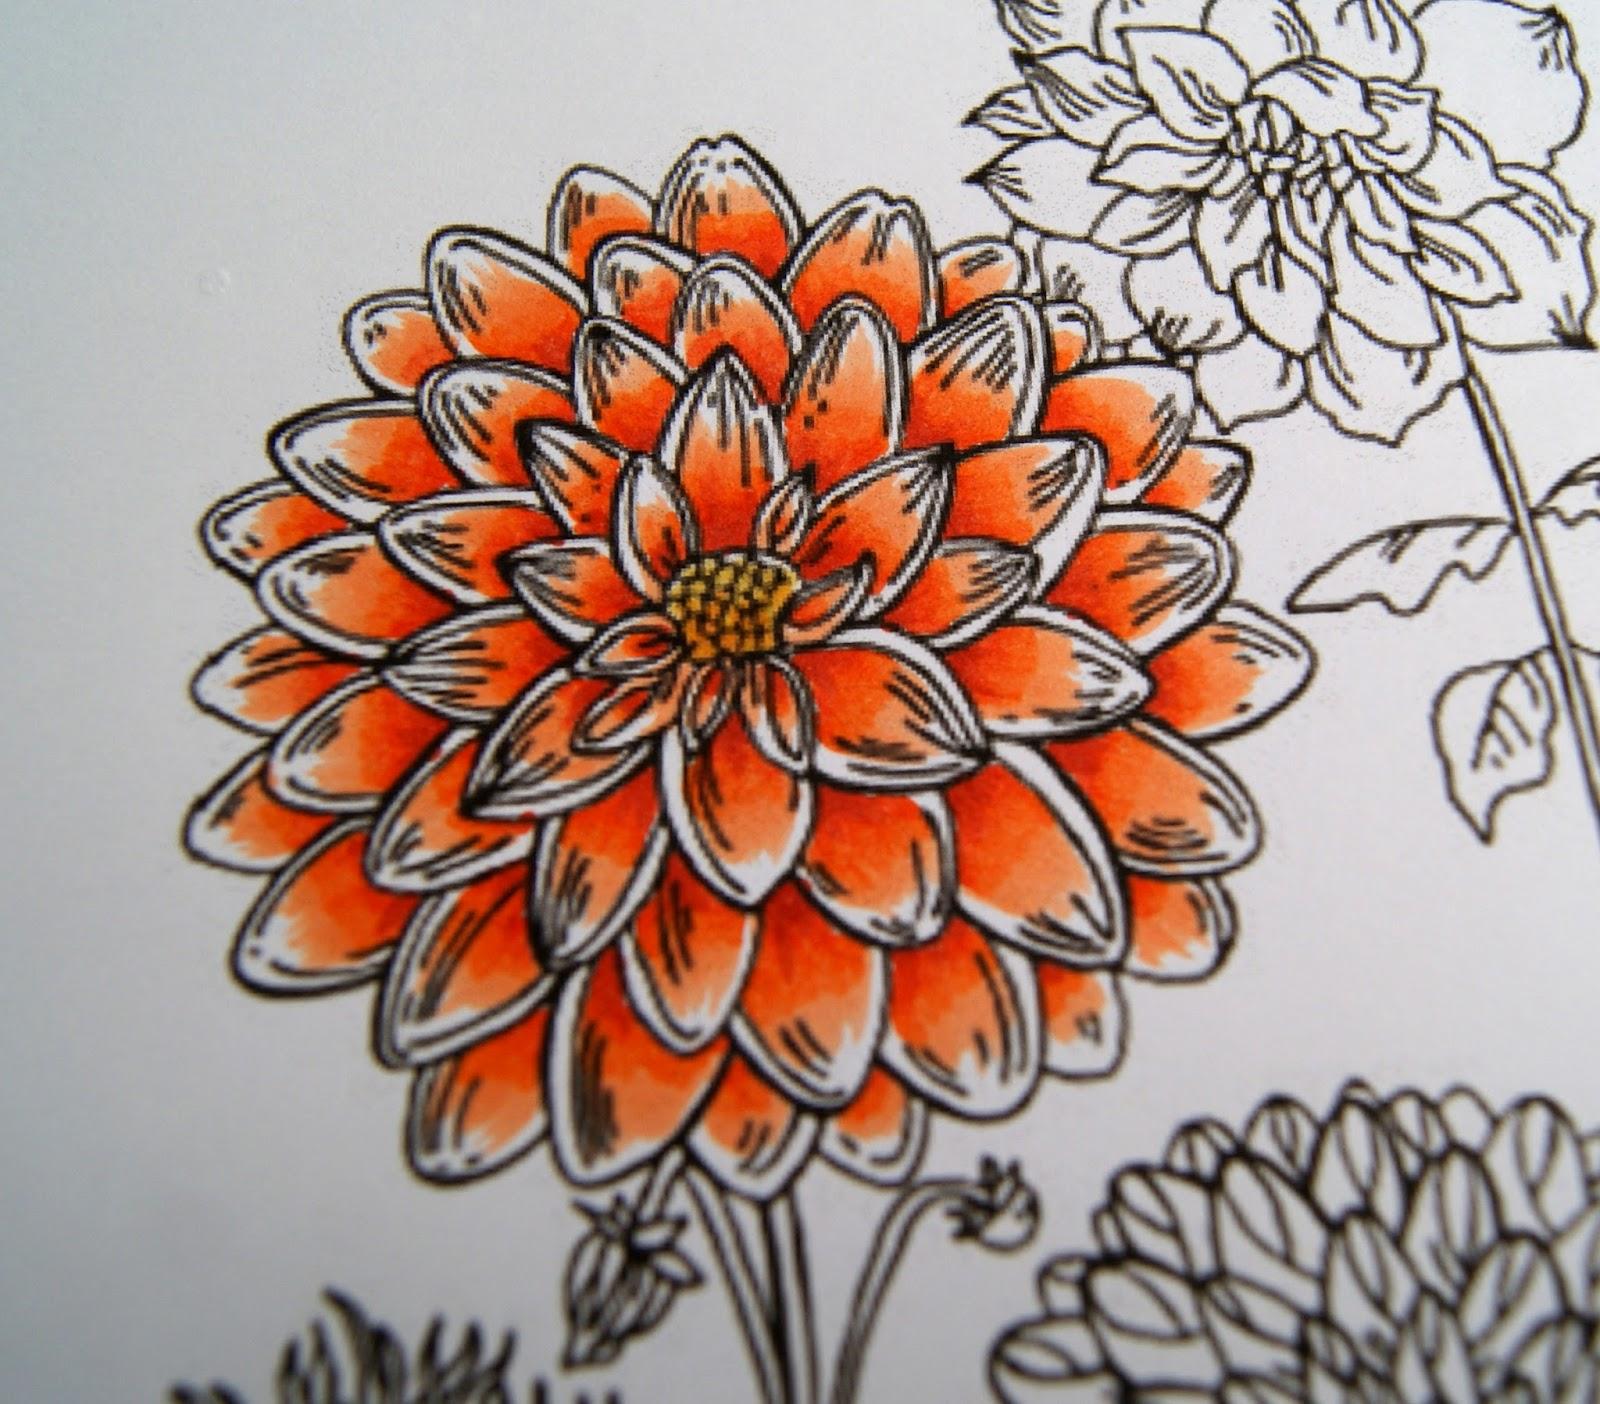 Imagenes De Diferentes Tipos De Rosas - Fotos de flores ROSAS DE VARIOS COLORES